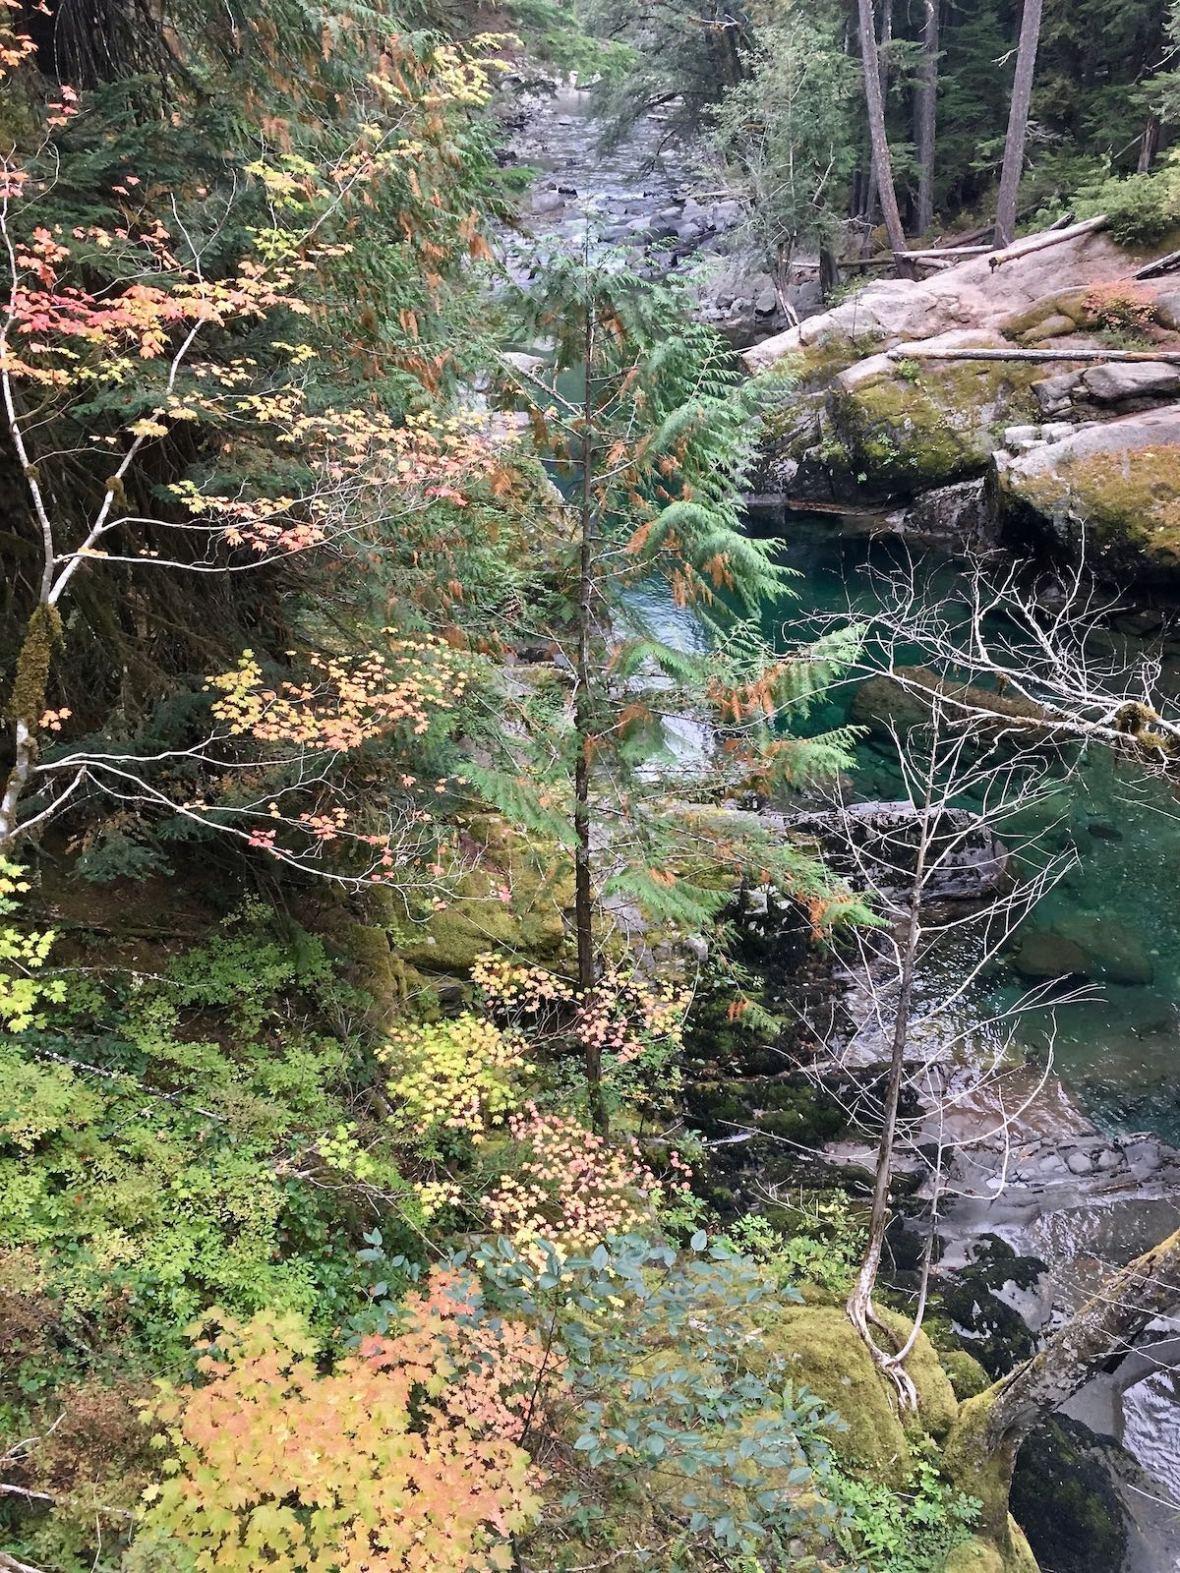 Autumn Color along the Ohanapecosh River in Mount Rainier National Park